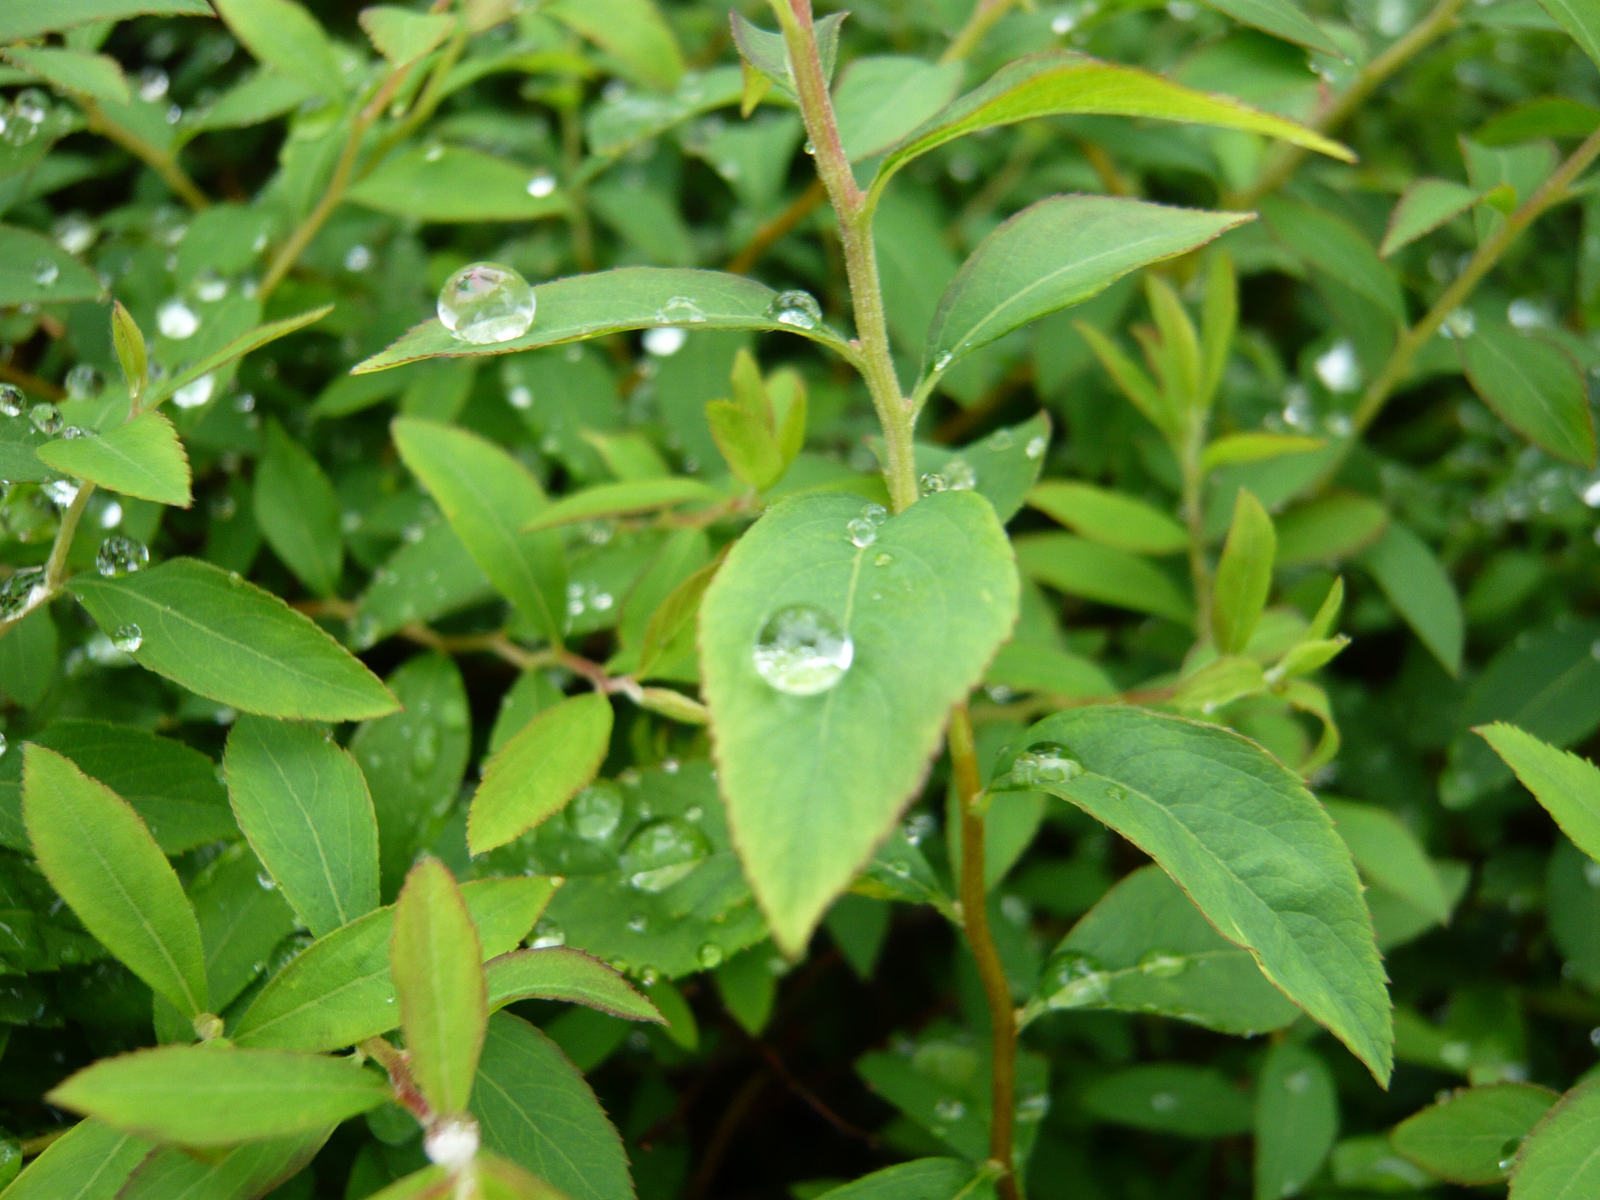 Rain_drops2